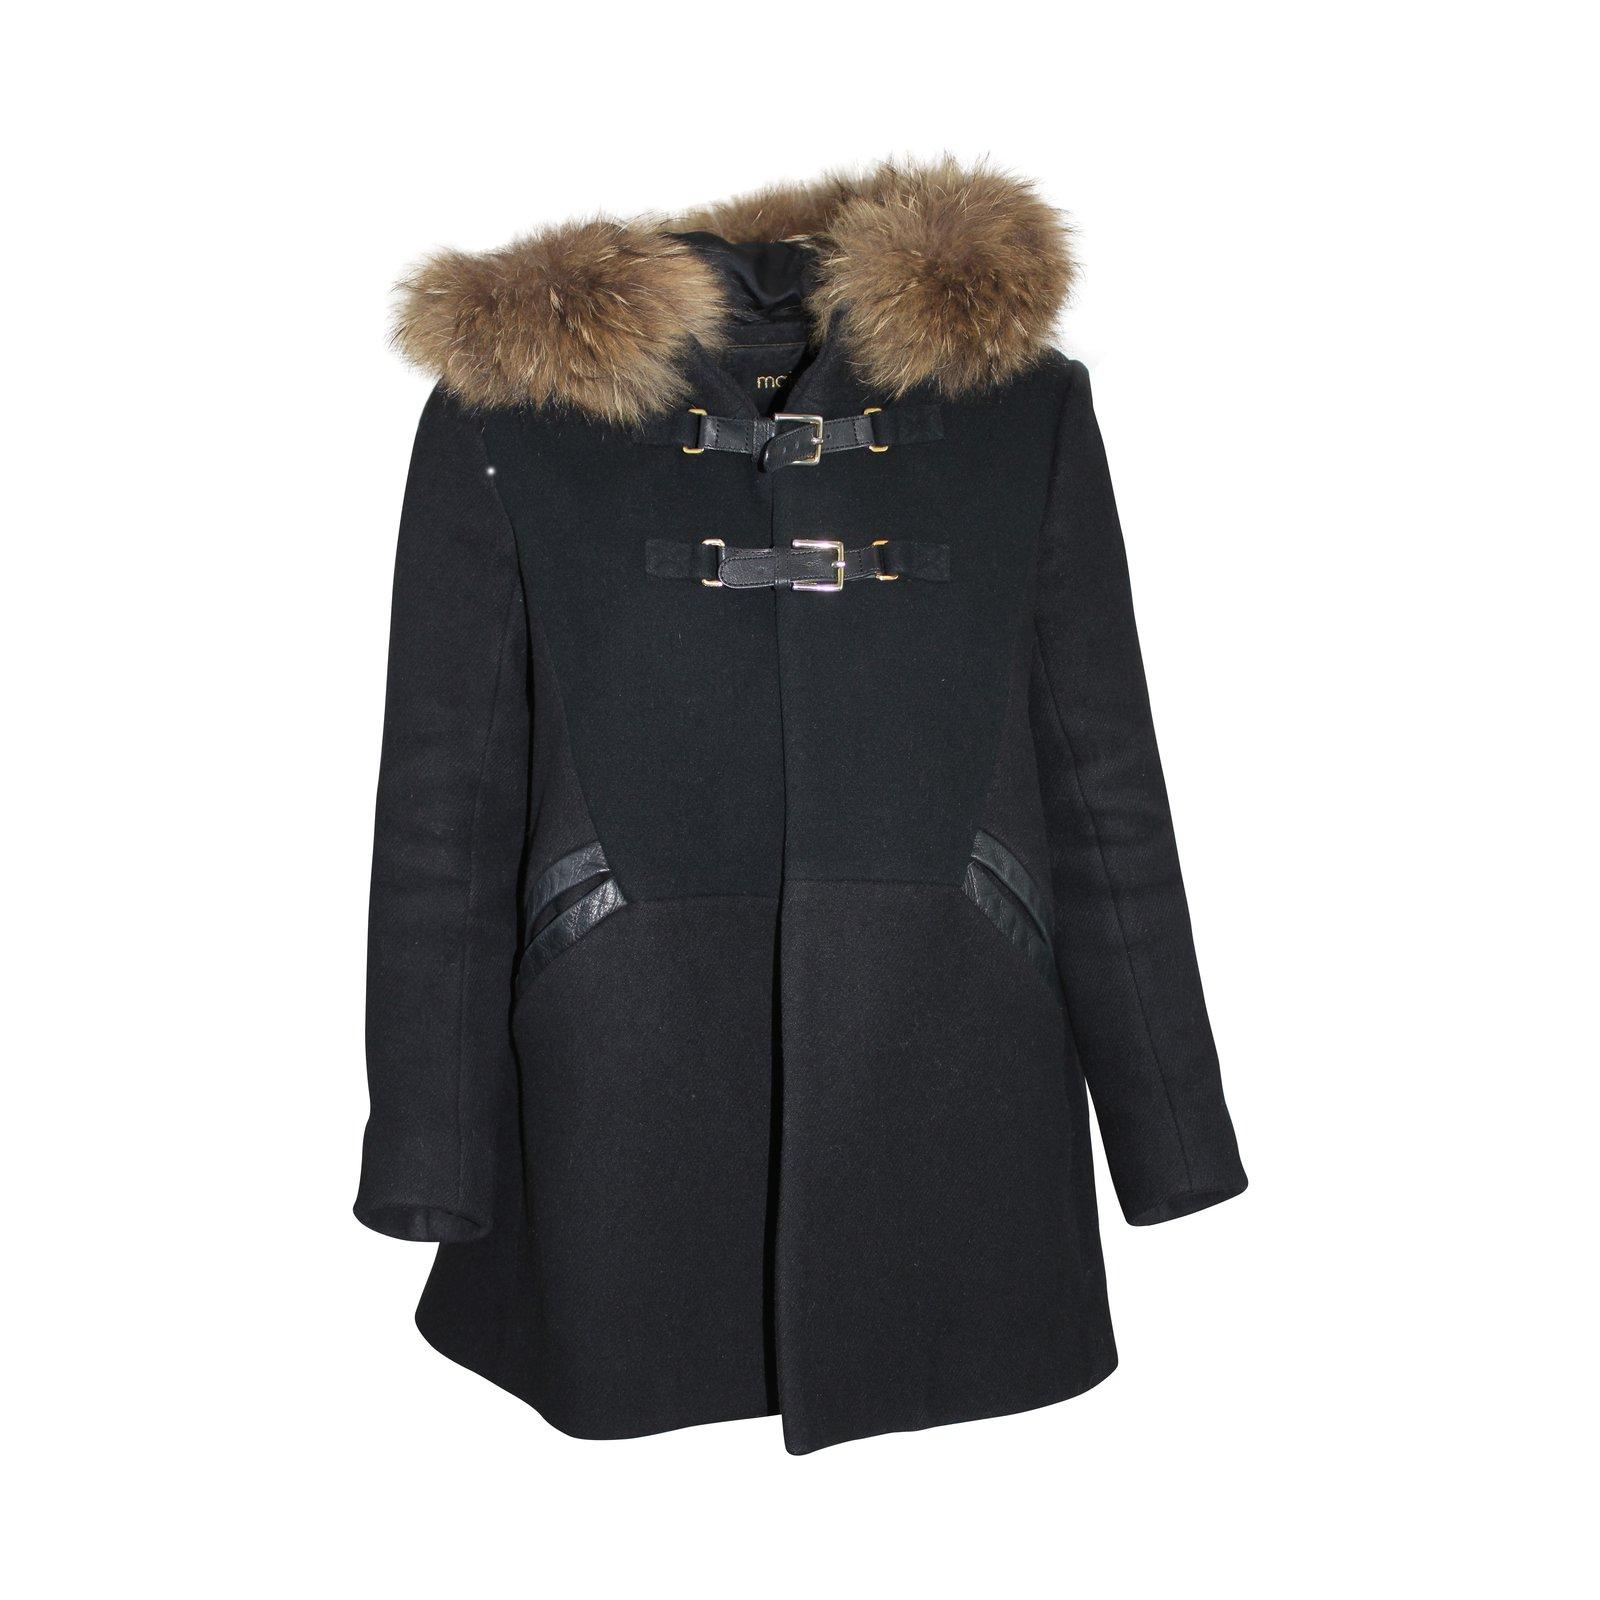 manteaux maje manteau avec capuche cachemire laine raton laveur noir joli closet. Black Bedroom Furniture Sets. Home Design Ideas